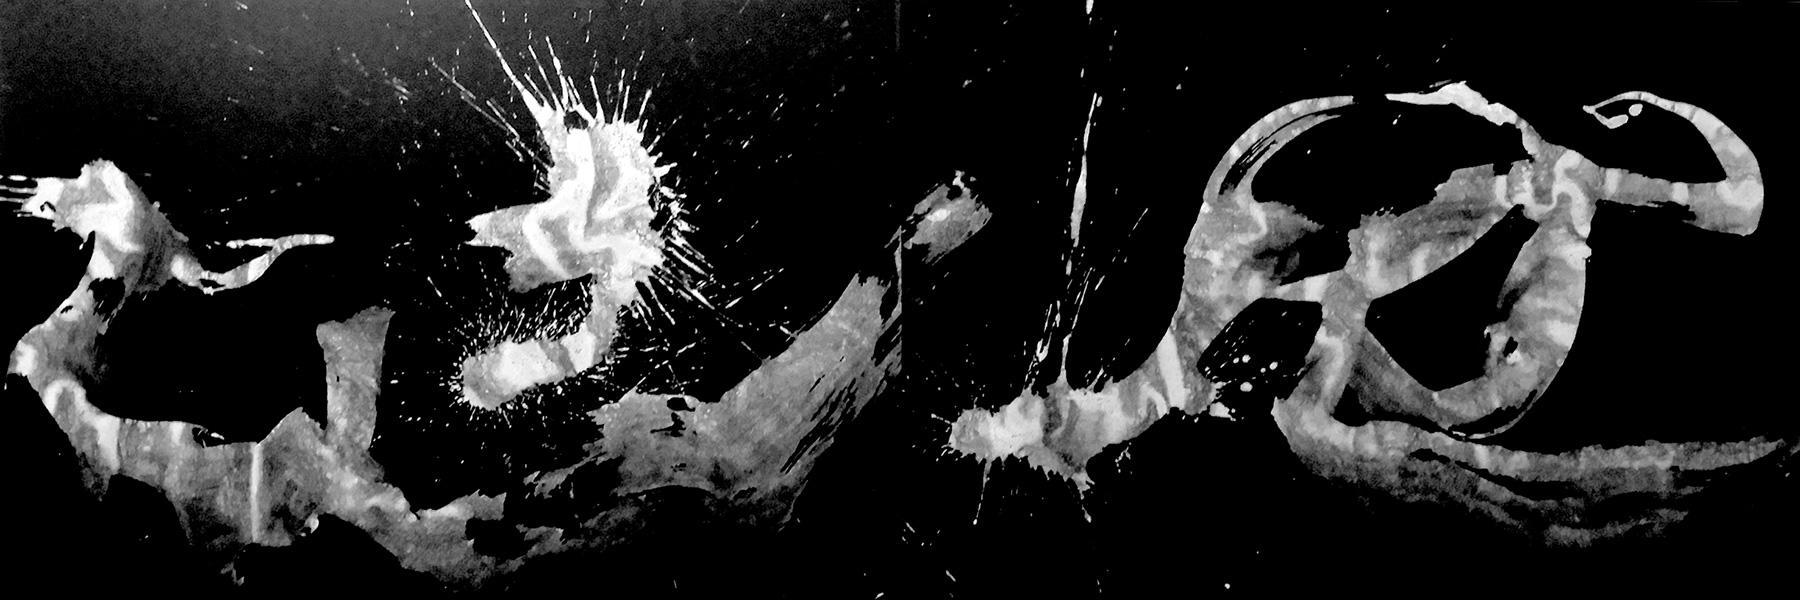 墨色のインプレッション二人展から「龍神による(二曲屏風)」